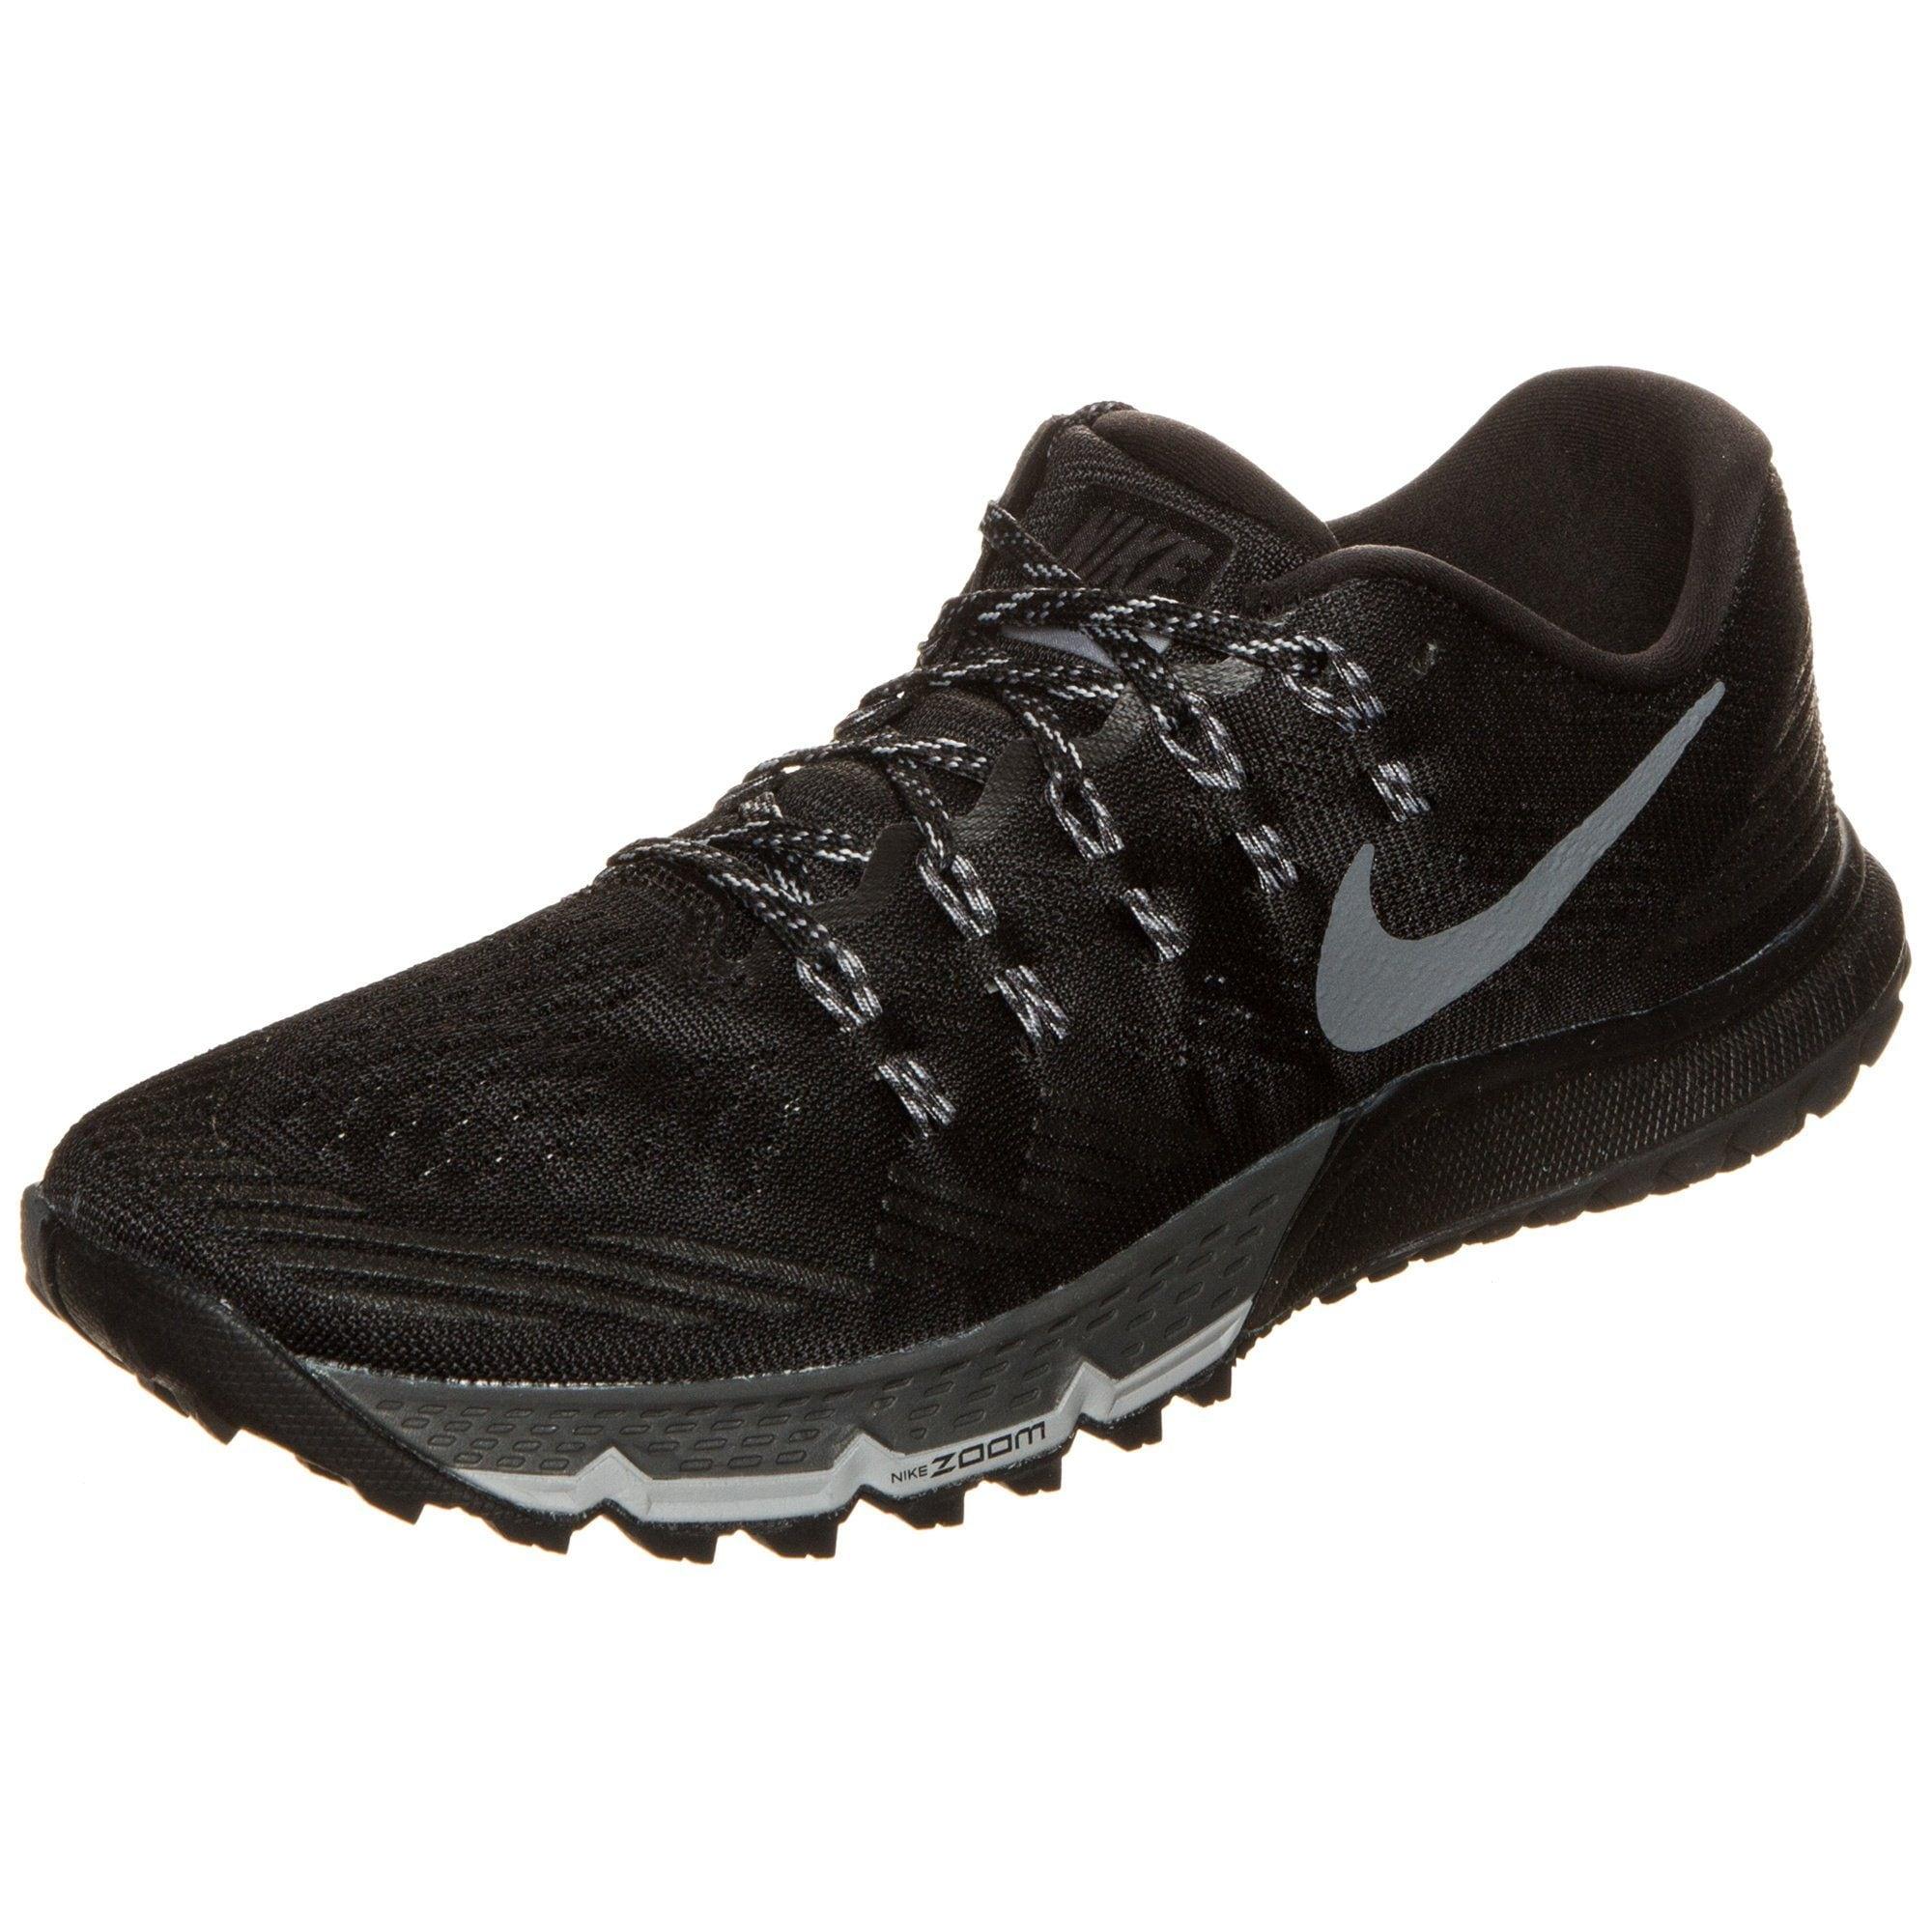 Nike Air Laufschuh Zoom Terra Kiger 3 Trail Laufschuh Air Damen kaufen   Gutes Preis-Leistungs-Verhältnis, es lohnt sich 1f6e2e